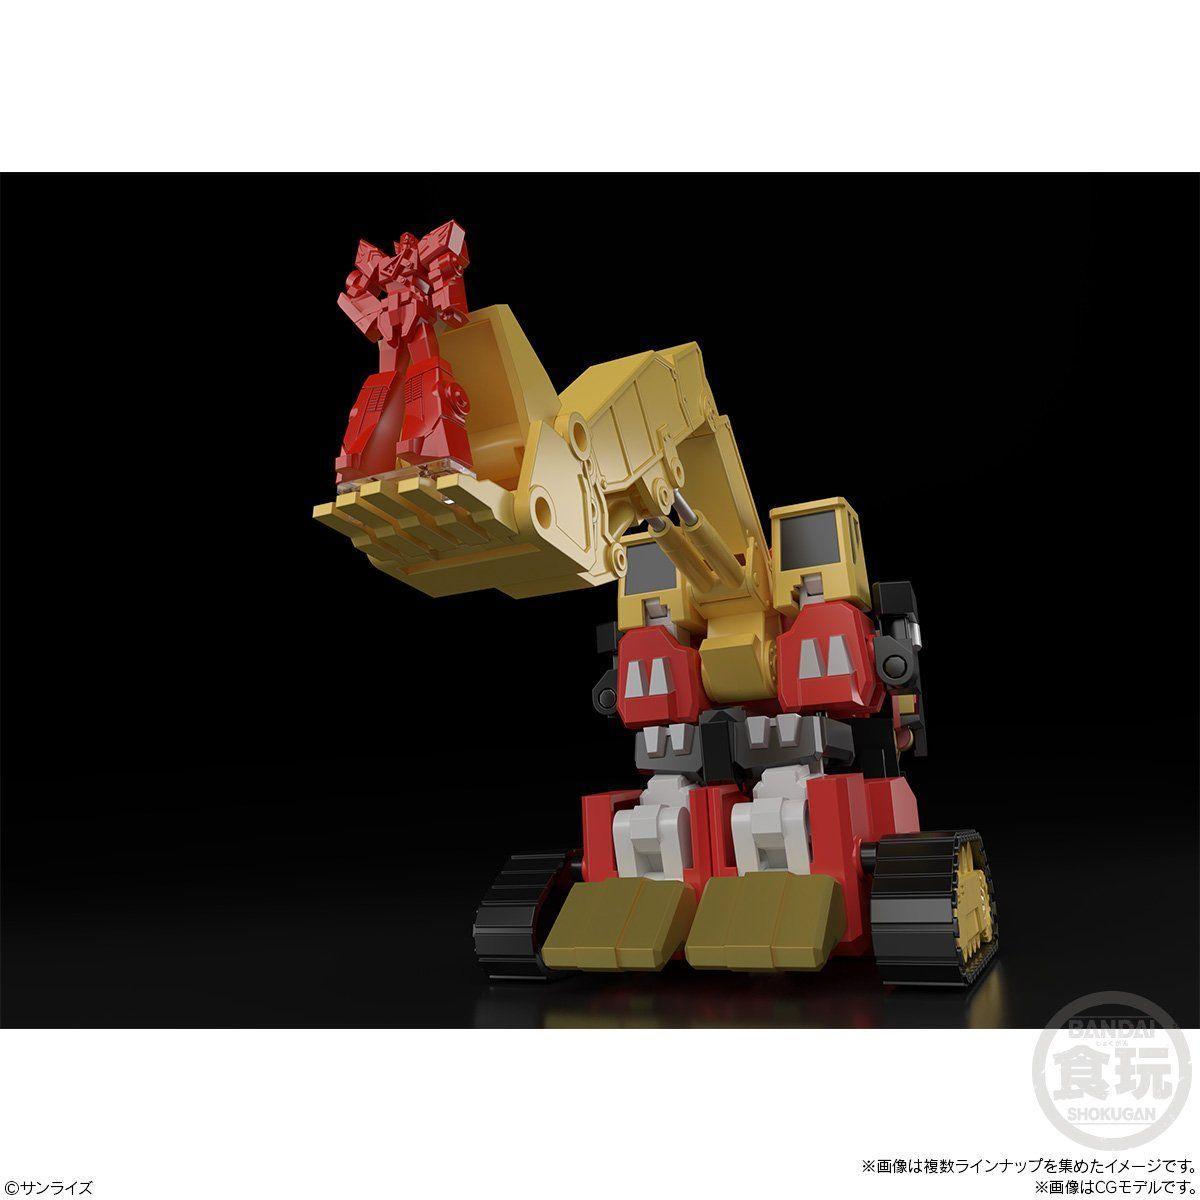 【食玩】スーパーミニプラ『勇者指令ダグオン2』勇者指令ダグオン 3個入りBOX-004